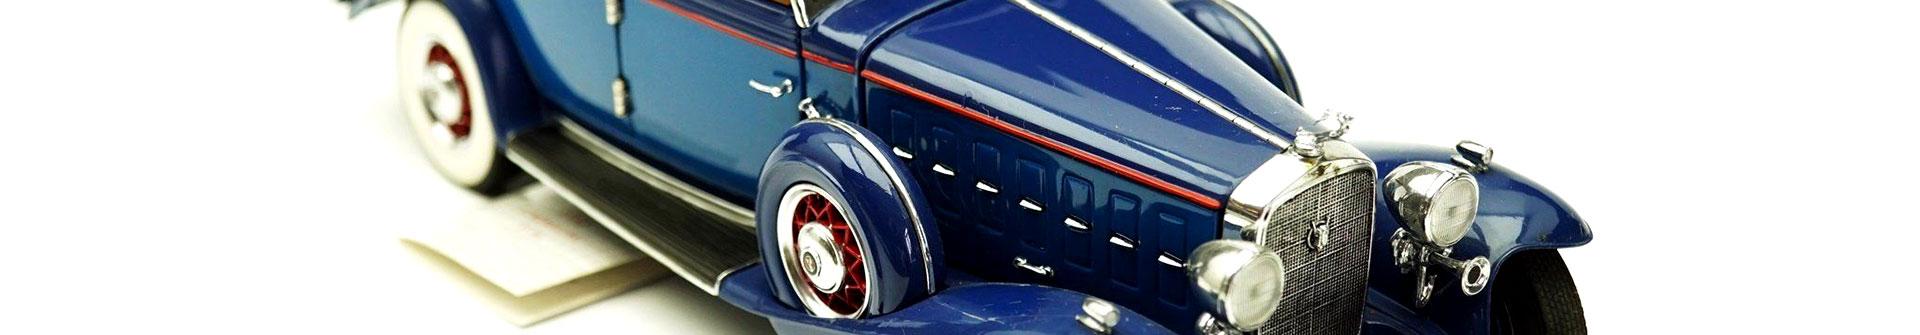 modellauto-ankauf-header